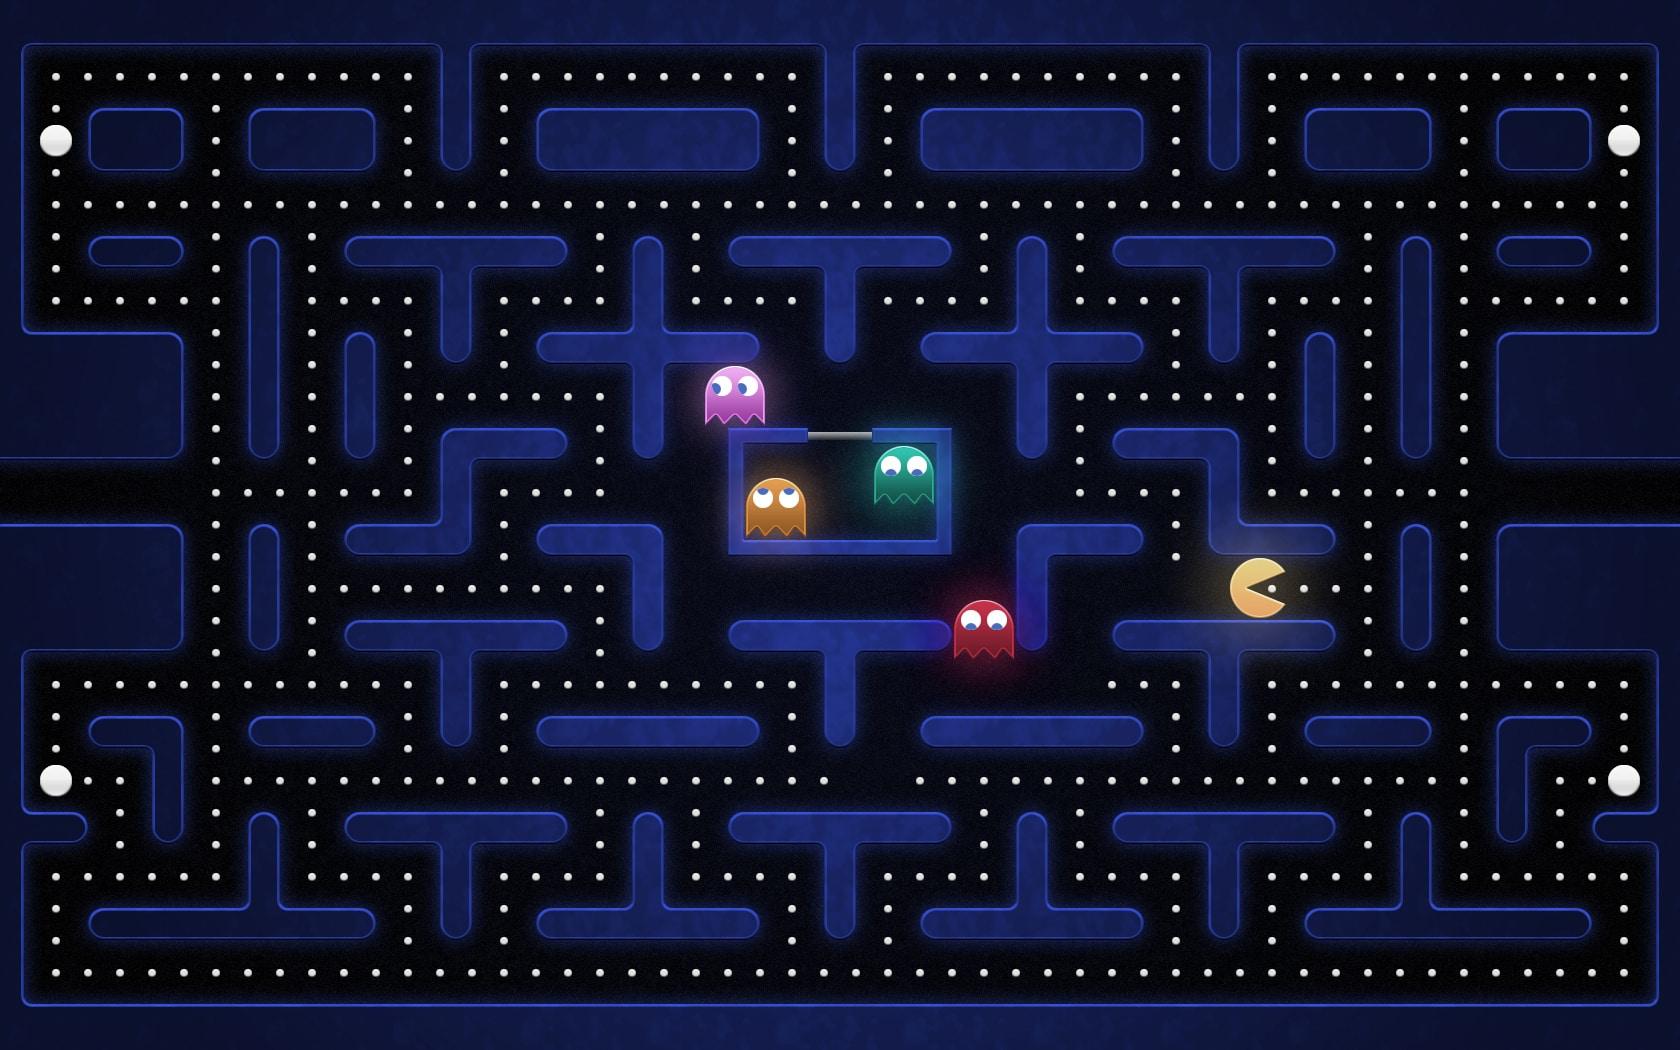 JSMESS: el emulador de Internet Archive permitirá usar juegos de Atari como Pac-Man.